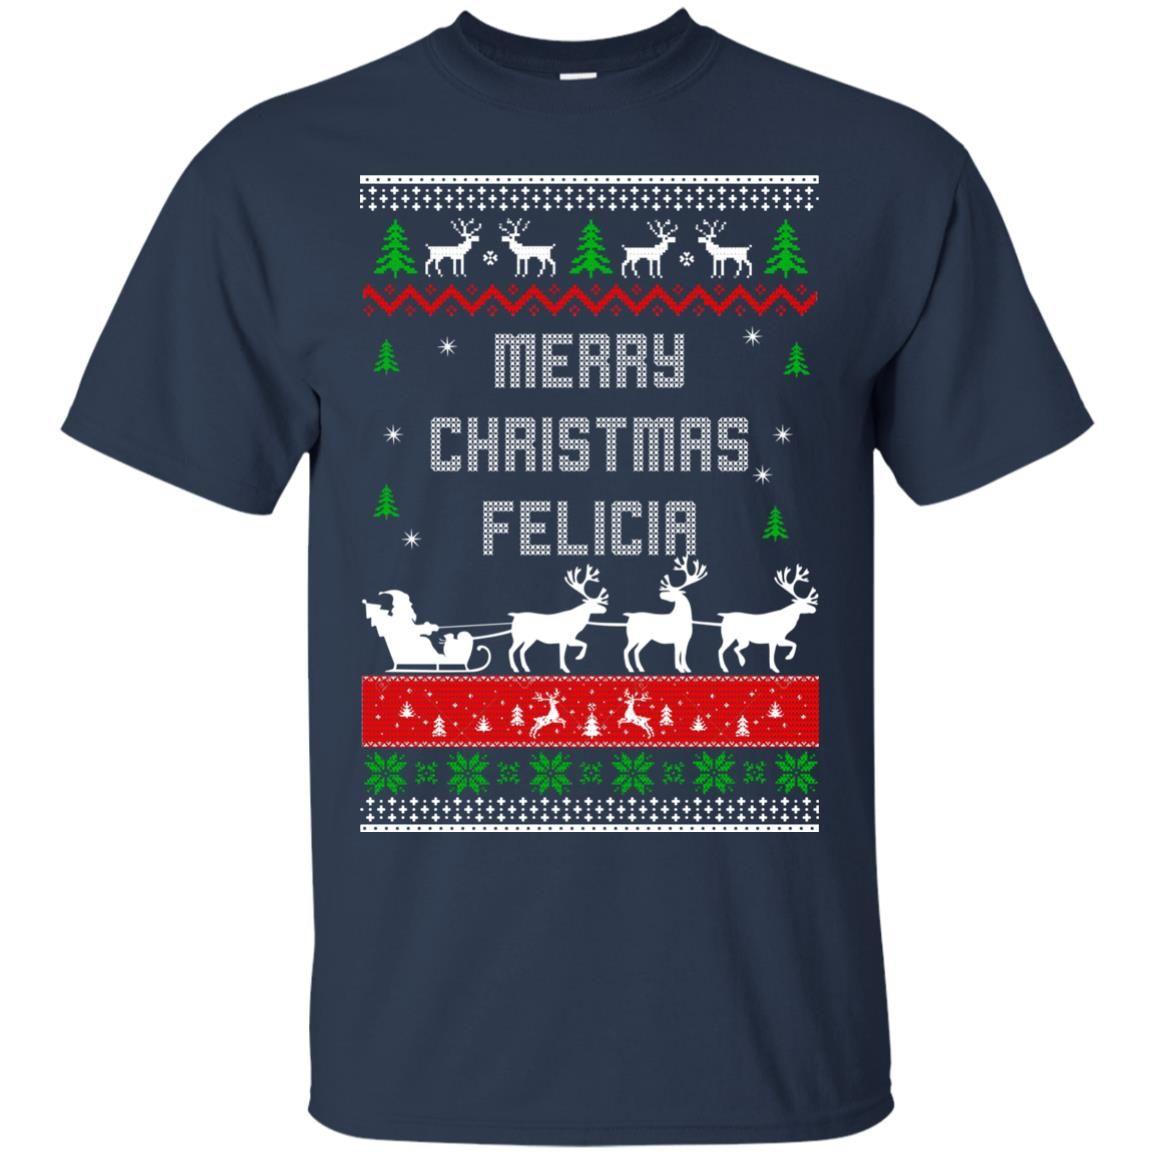 image 1670 - Raxo Merry Christmas Felicia ugly sweater, hoodie